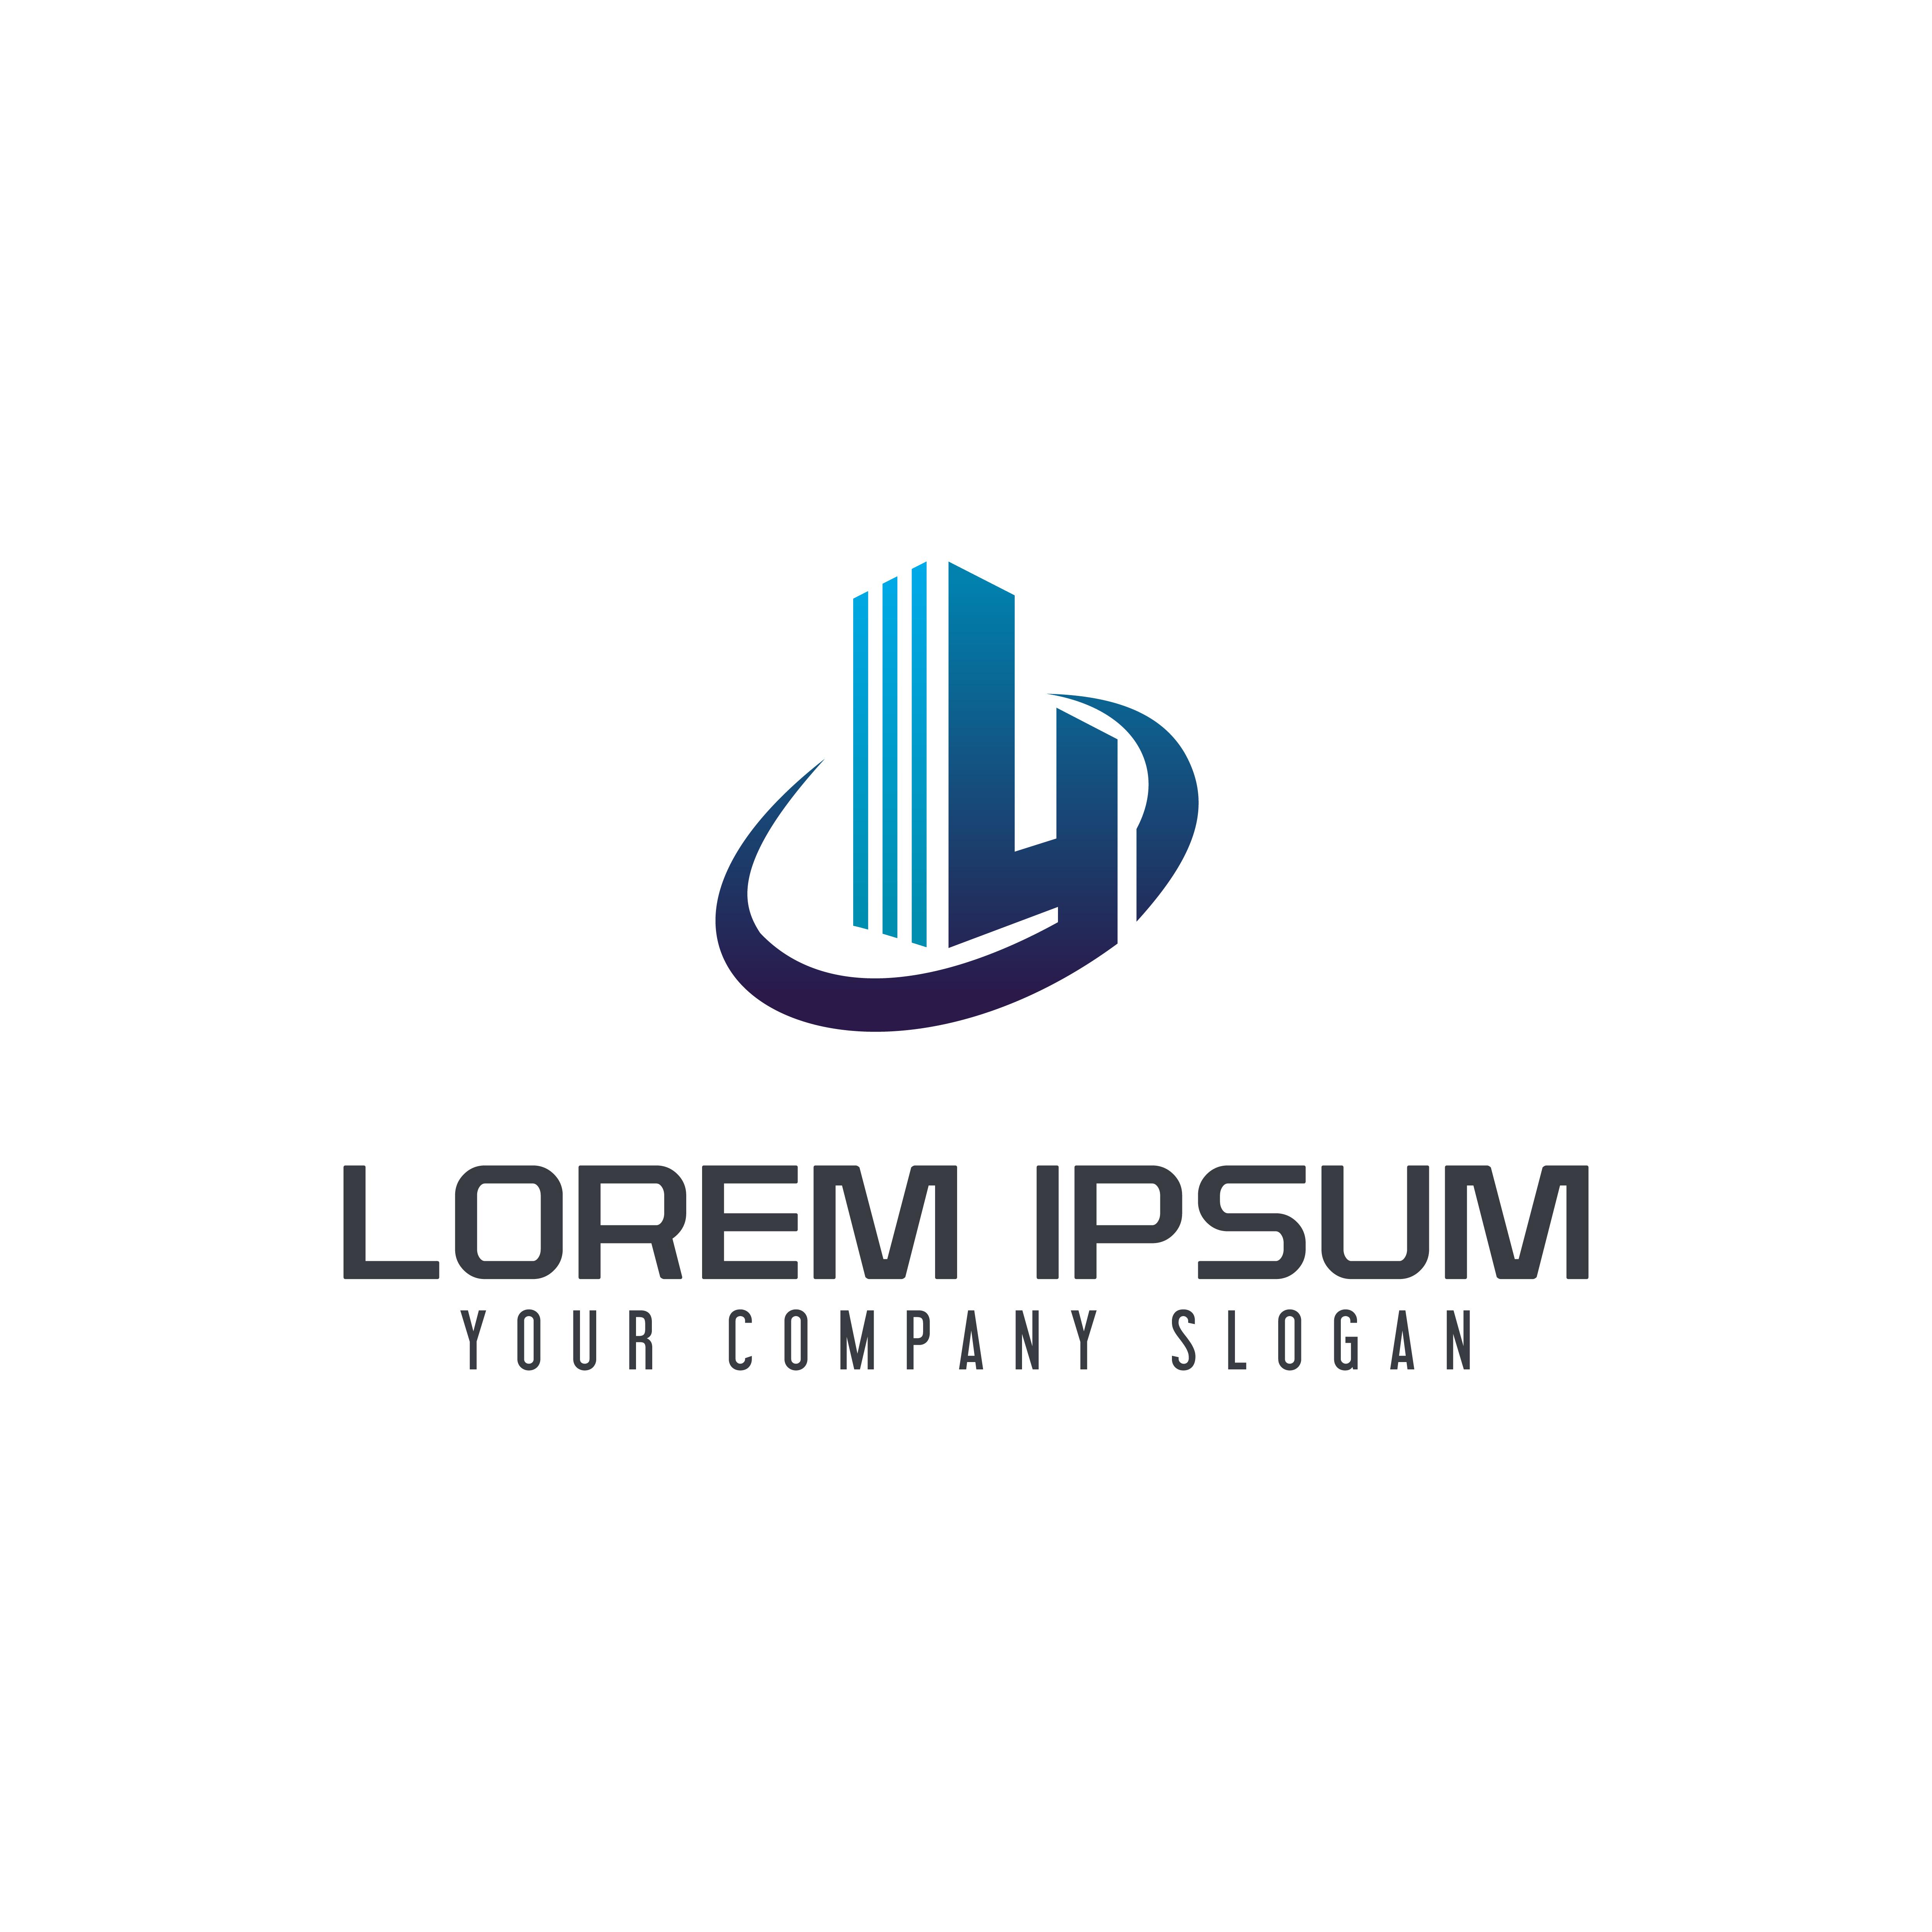 Letter Y Construction Building Logo Design Concept